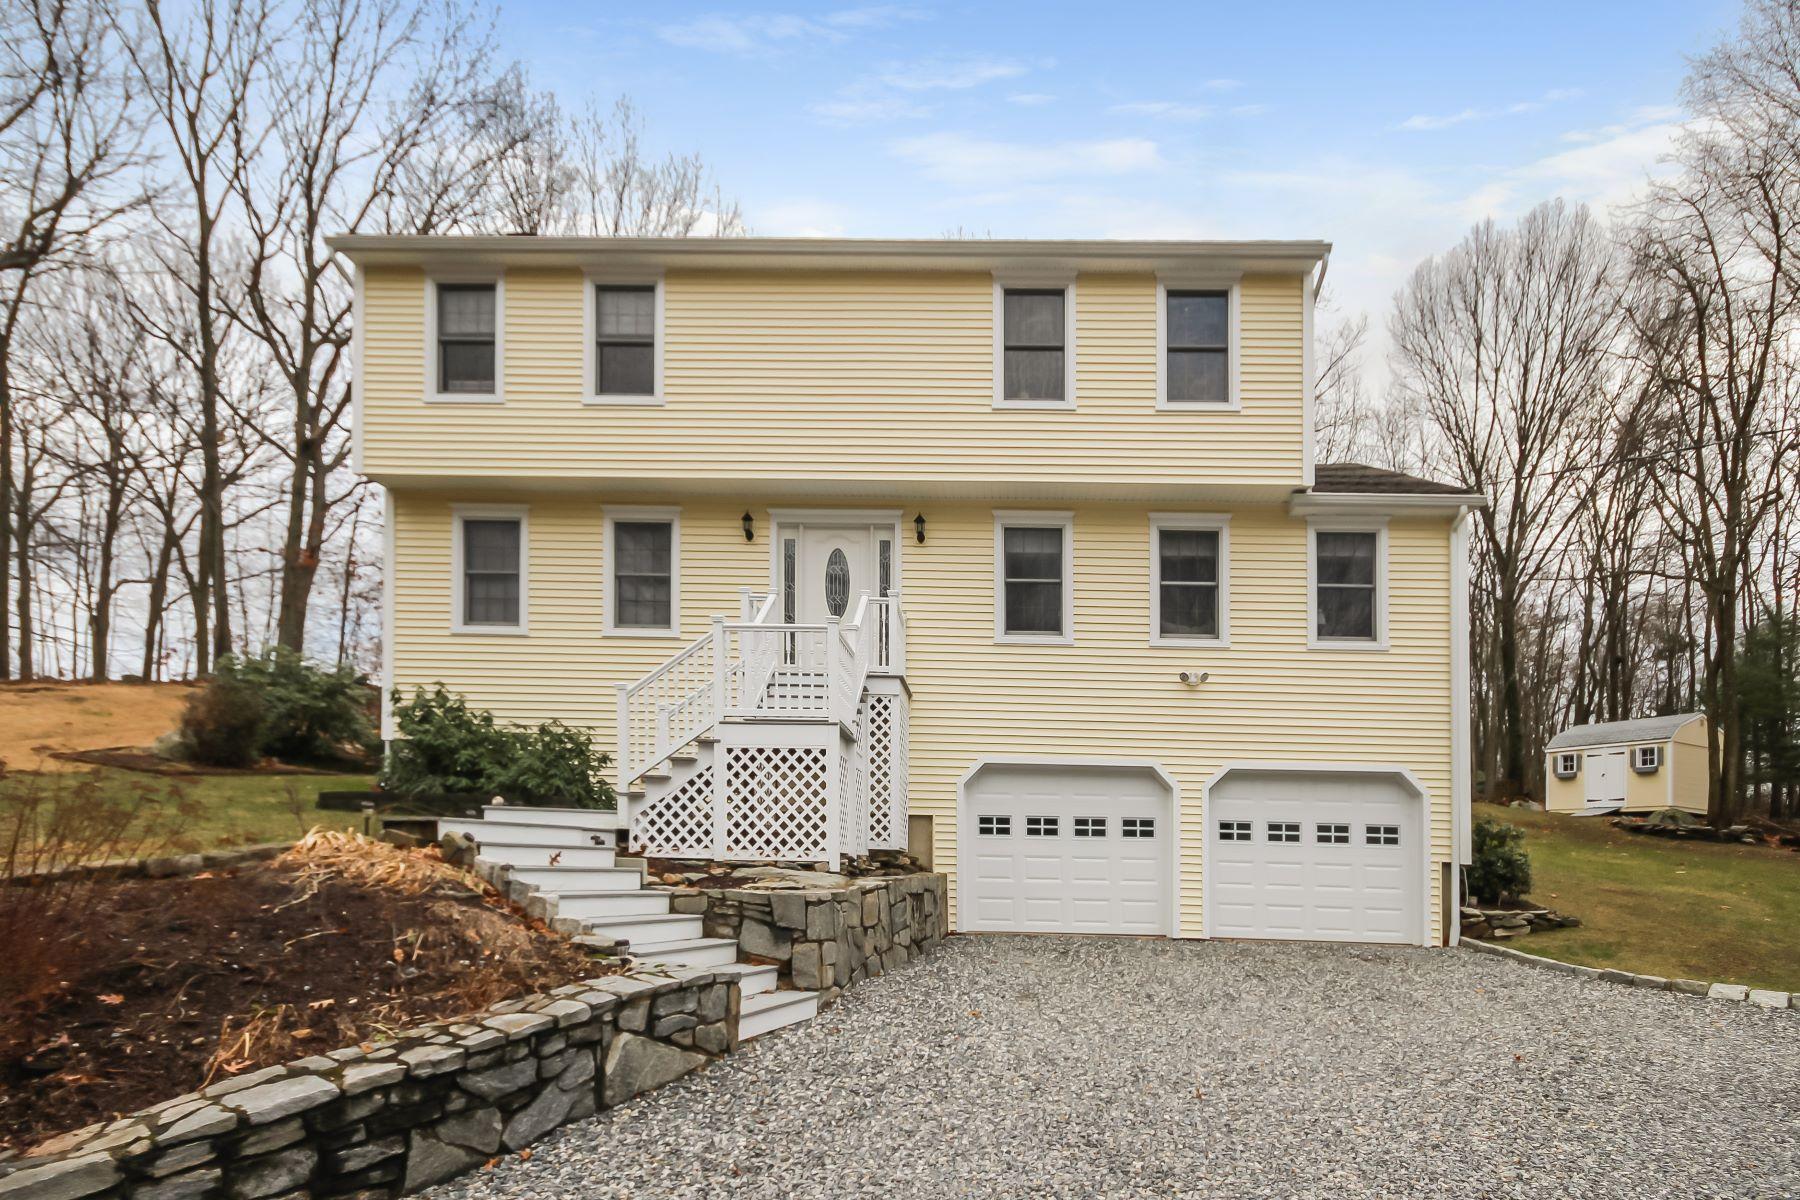 Maison unifamiliale pour l Vente à Pride of Ownership Abounds 65 Morning Glory Terr Stratford, Connecticut 06614 États-Unis